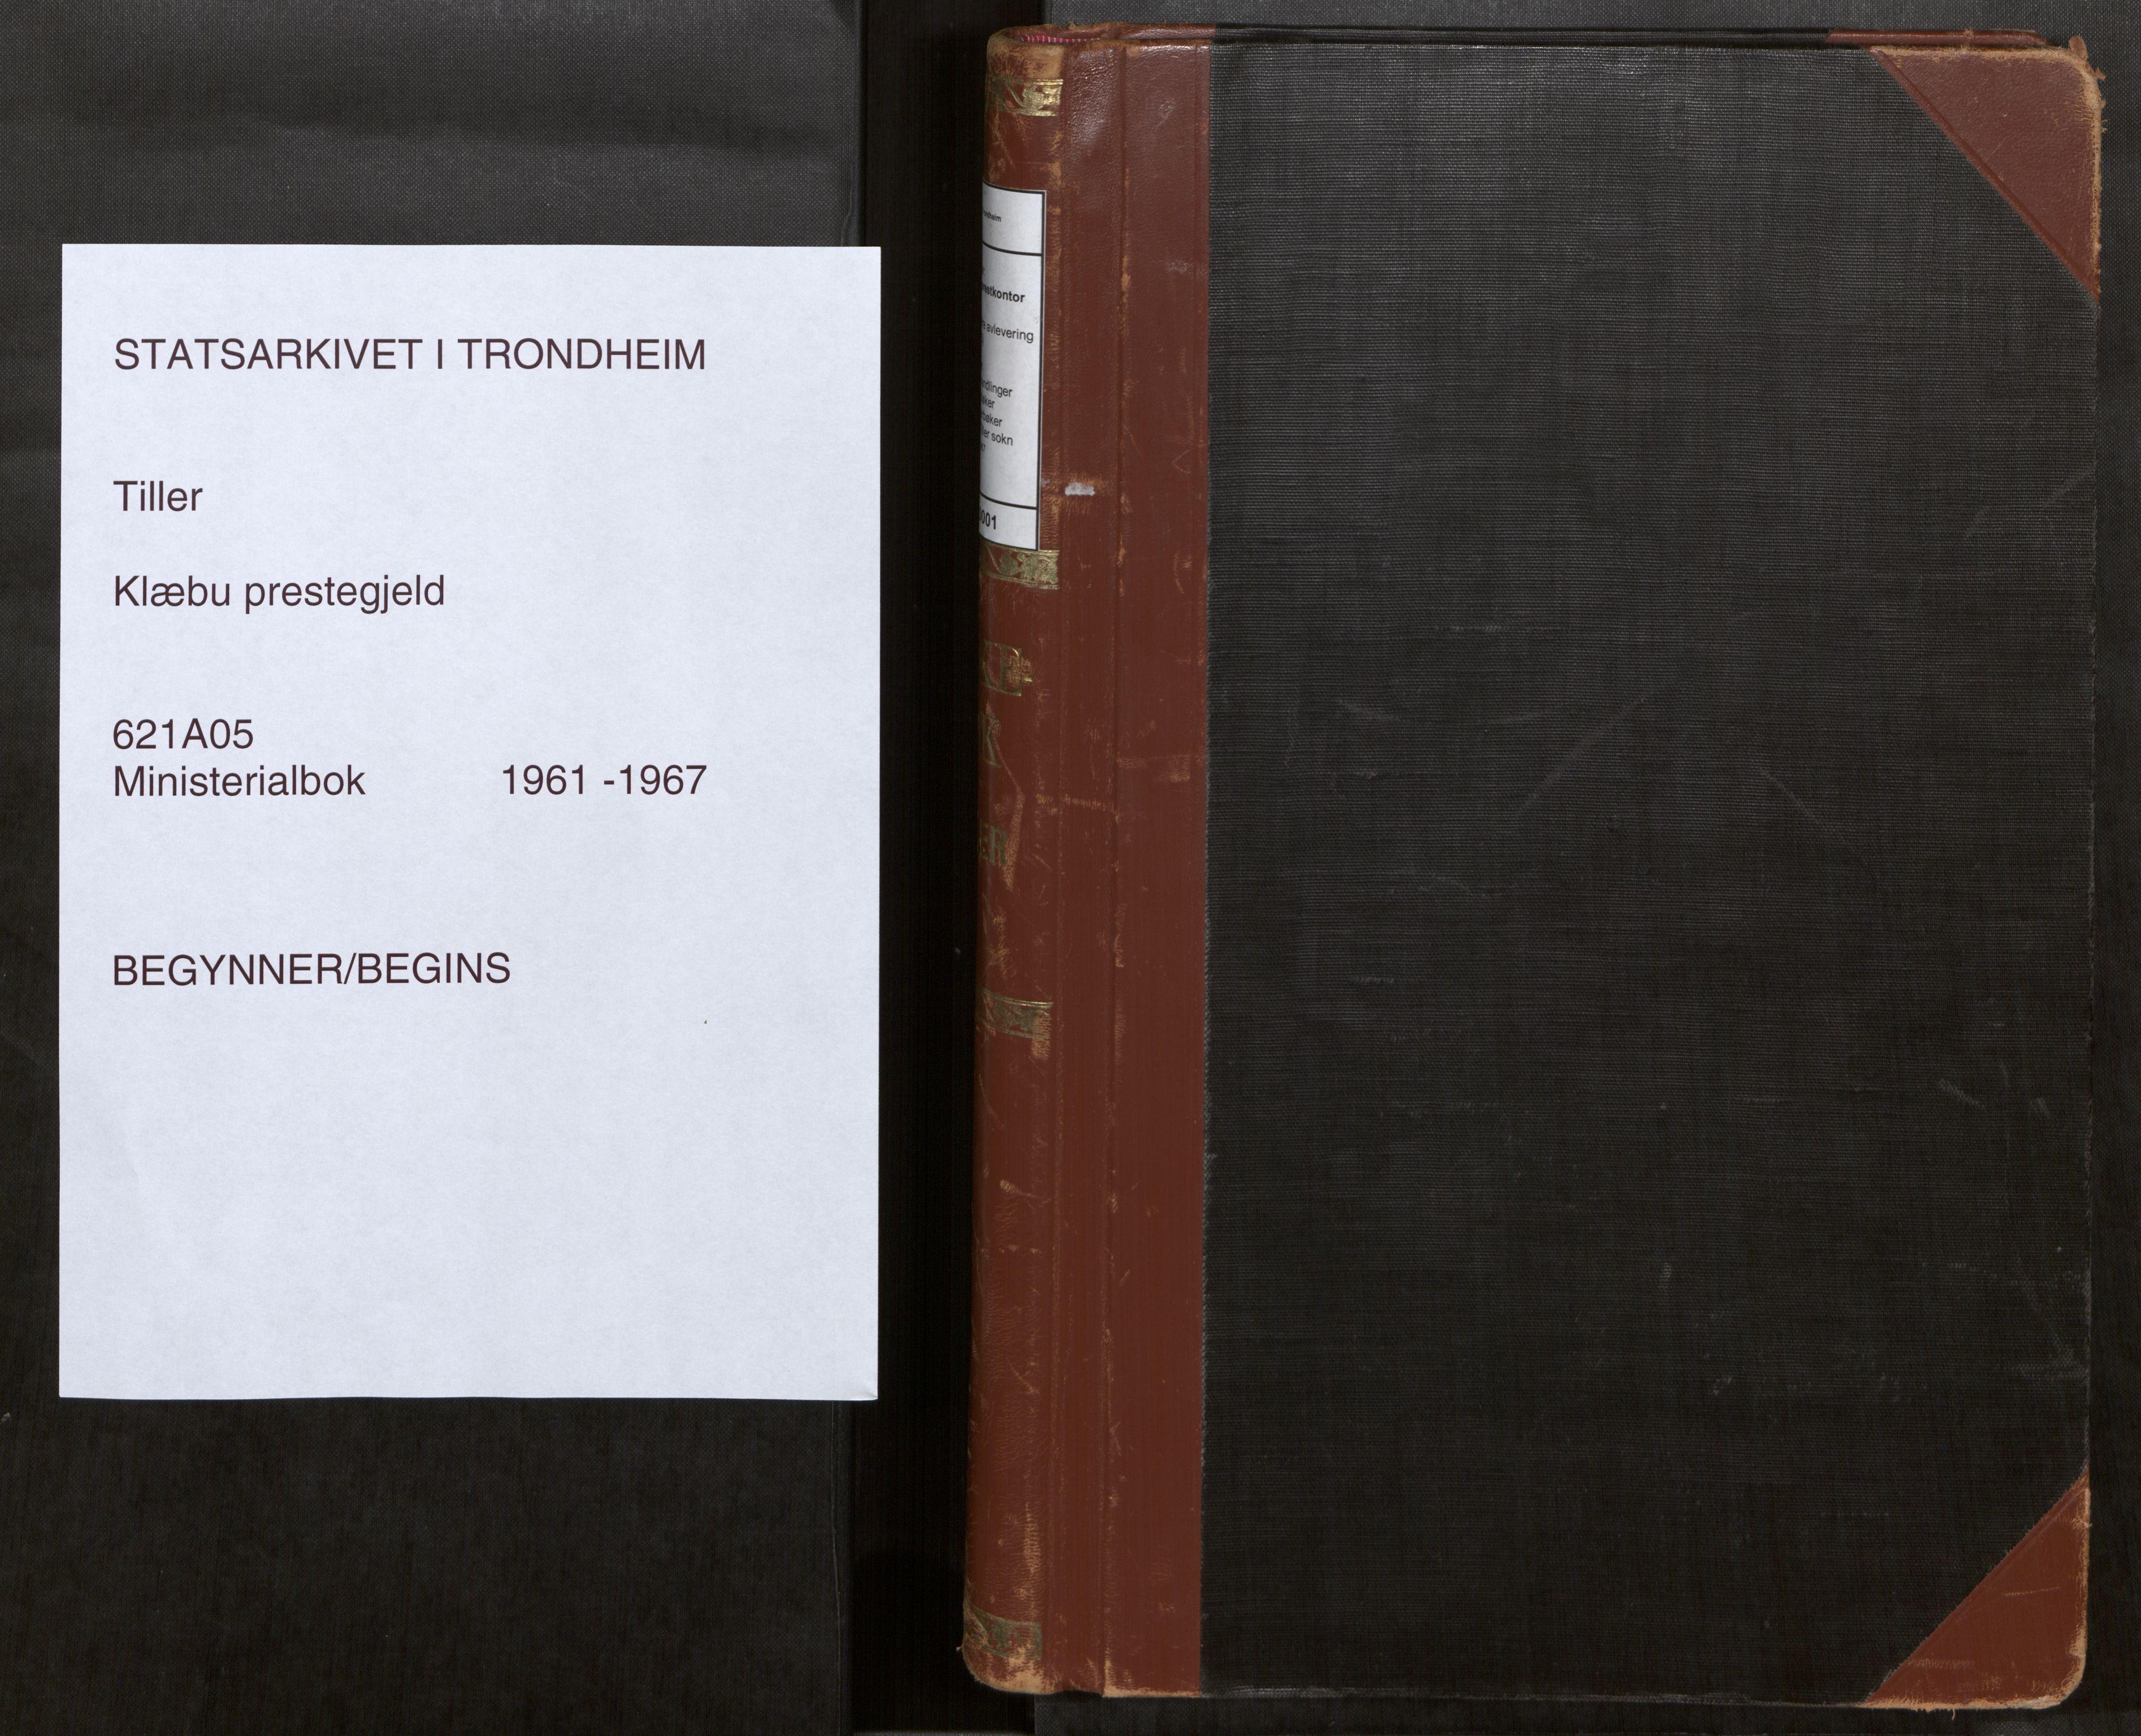 SAT, Klæbu sokneprestkontor, Parish register (official) no. 5, 1961-1967